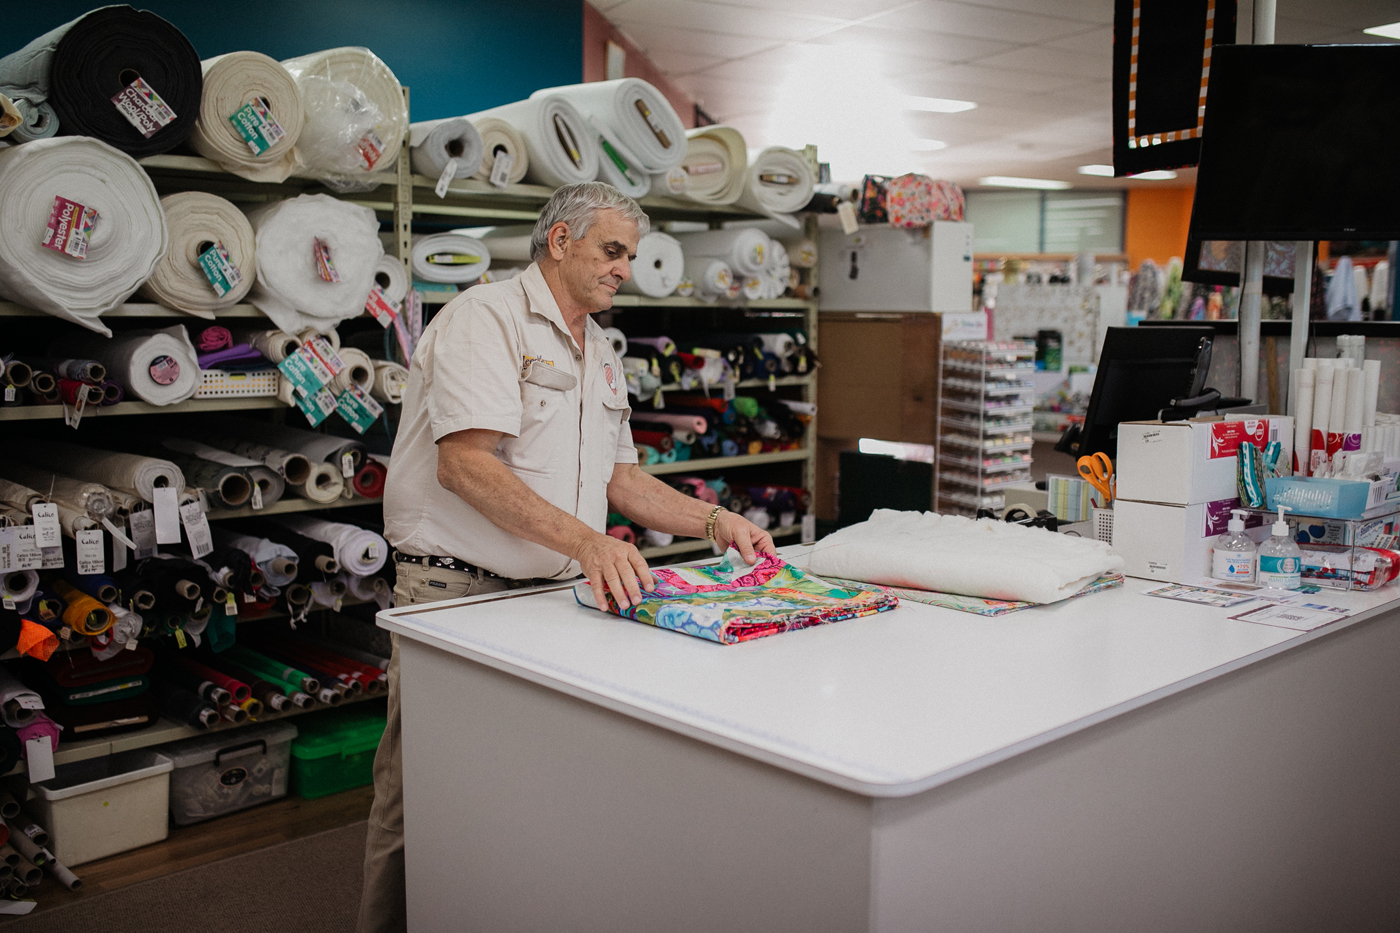 Needleworx team preparing quilt fabric